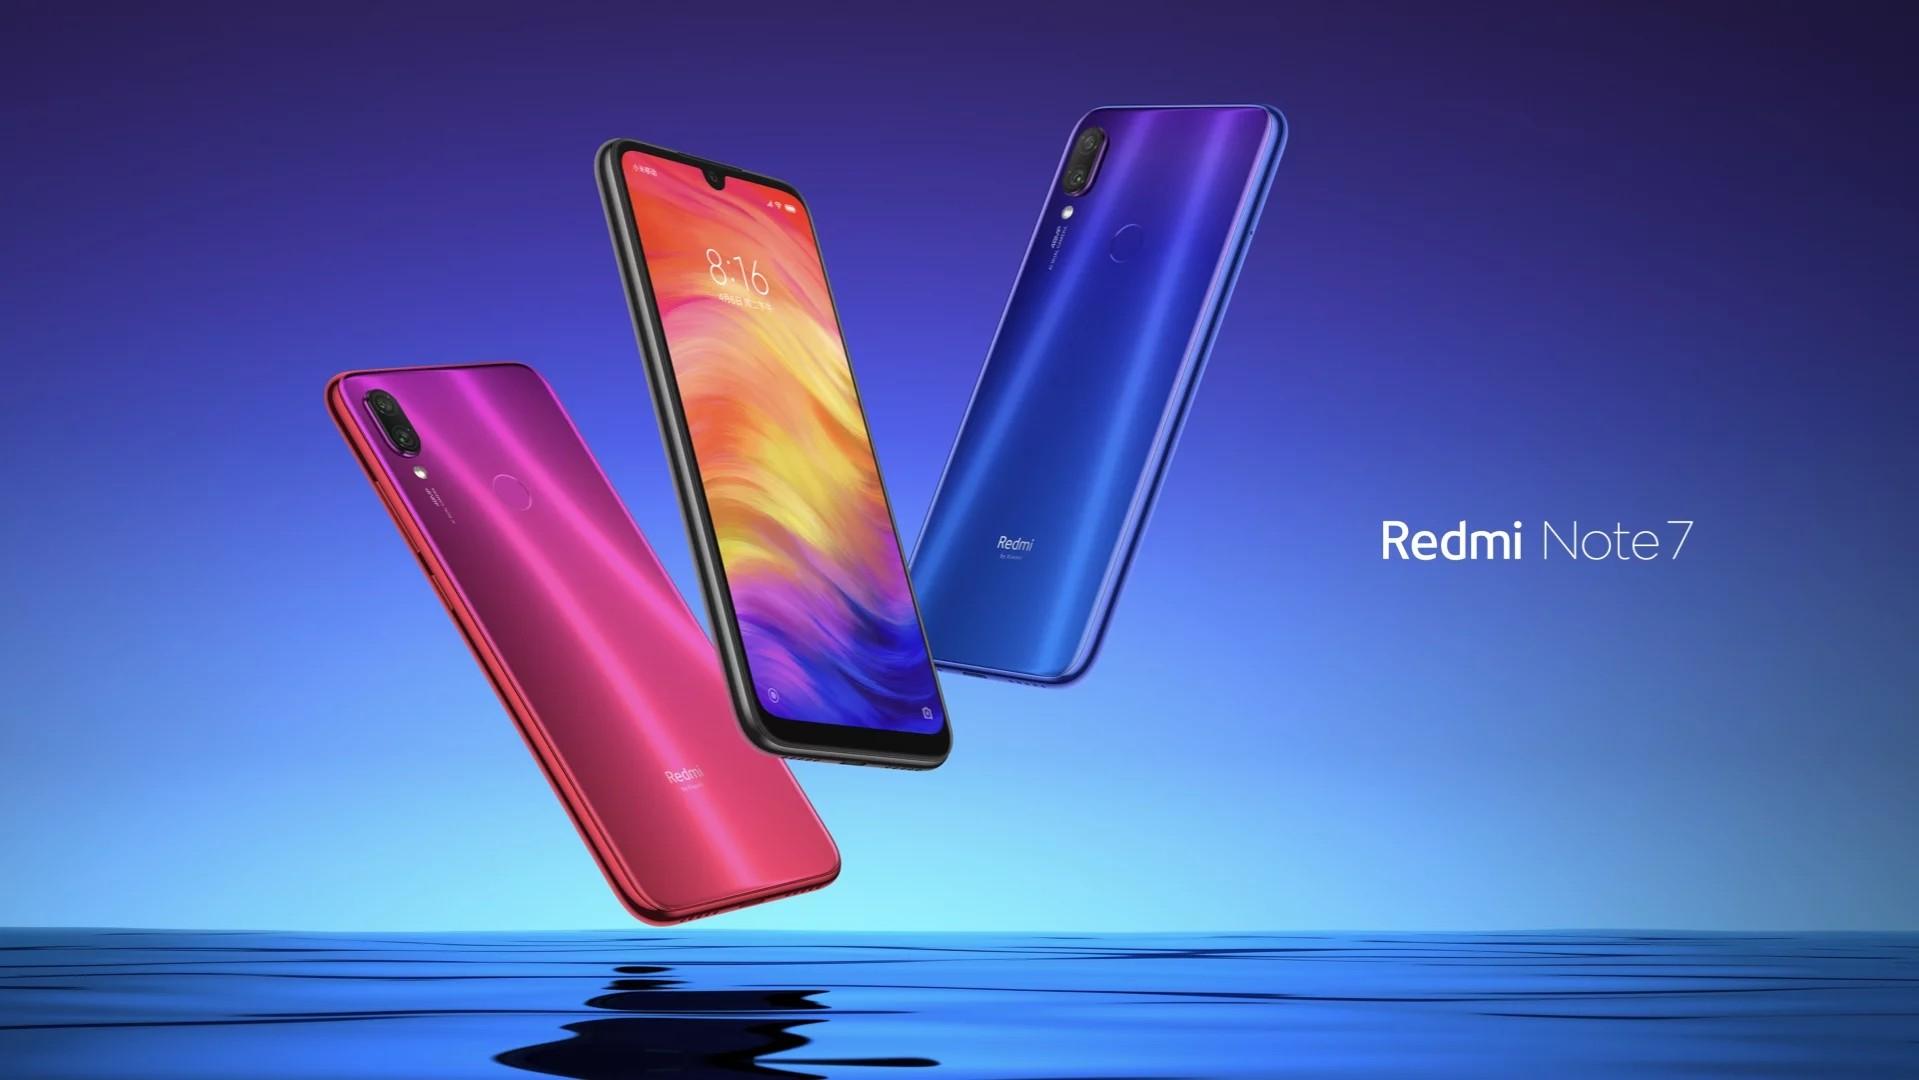 Xiaomi Redmi Note 4 In Dubai: Xiaomi Mi 9 And Redmi Note 7 Launch In UAE With Aggressive